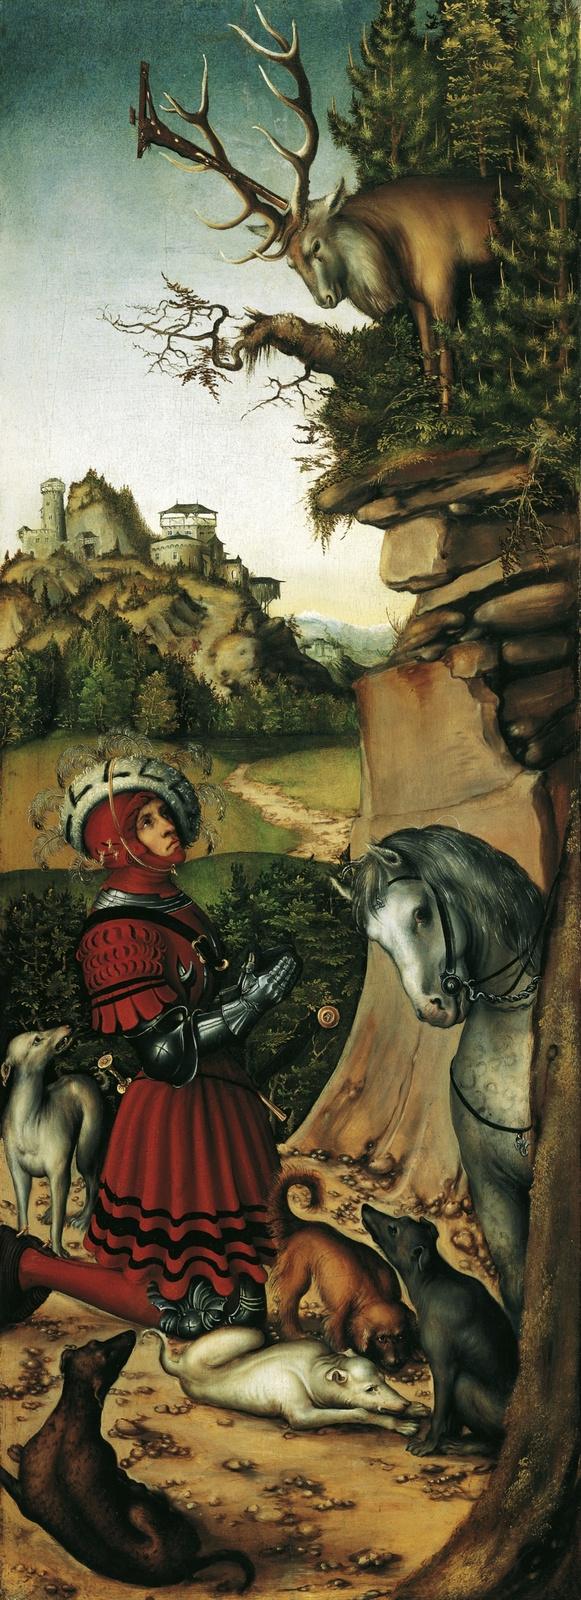 Lucas Cranach the Elder. Saint Eustathius